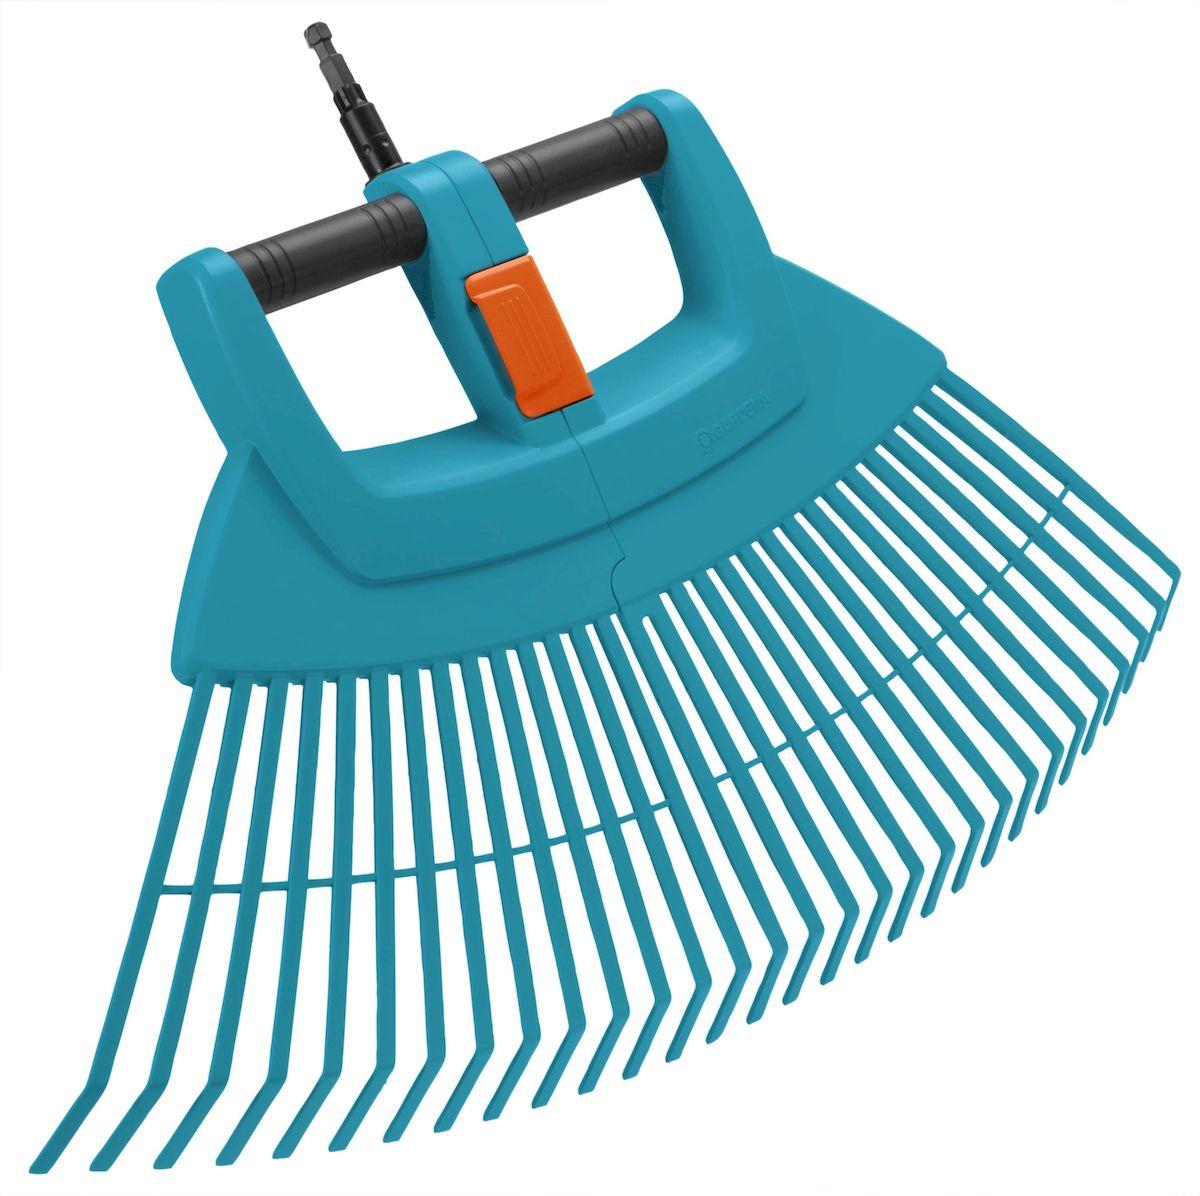 Грабли пластиковые веерные Gardena XXL Vario, складные03107-20.000.00Грабли пластиковые веерные Gardena XXL Vario выполнены из высококачественного пластика и снабжены встроенной алюминиевой трубкой, которая повышает прочность инструмента. Они идеально подходят для быстрого сбора листьев, скошенной травы, разбросанного ветром материала и другого садового мусора на больших участках. Этот простой в эксплуатации и эффективный инструмент можно разделить на две части в целях удобного сбора материала. Грабли пластиковые веерные XXL Vario могут складываться для экономии места. Грабли могут использоваться с любой ручкой, однако рекомендуется использовать ручку длиной 130 см или 150 см, в зависимости от роста пользователя.Рабочая ширина: 77 см.